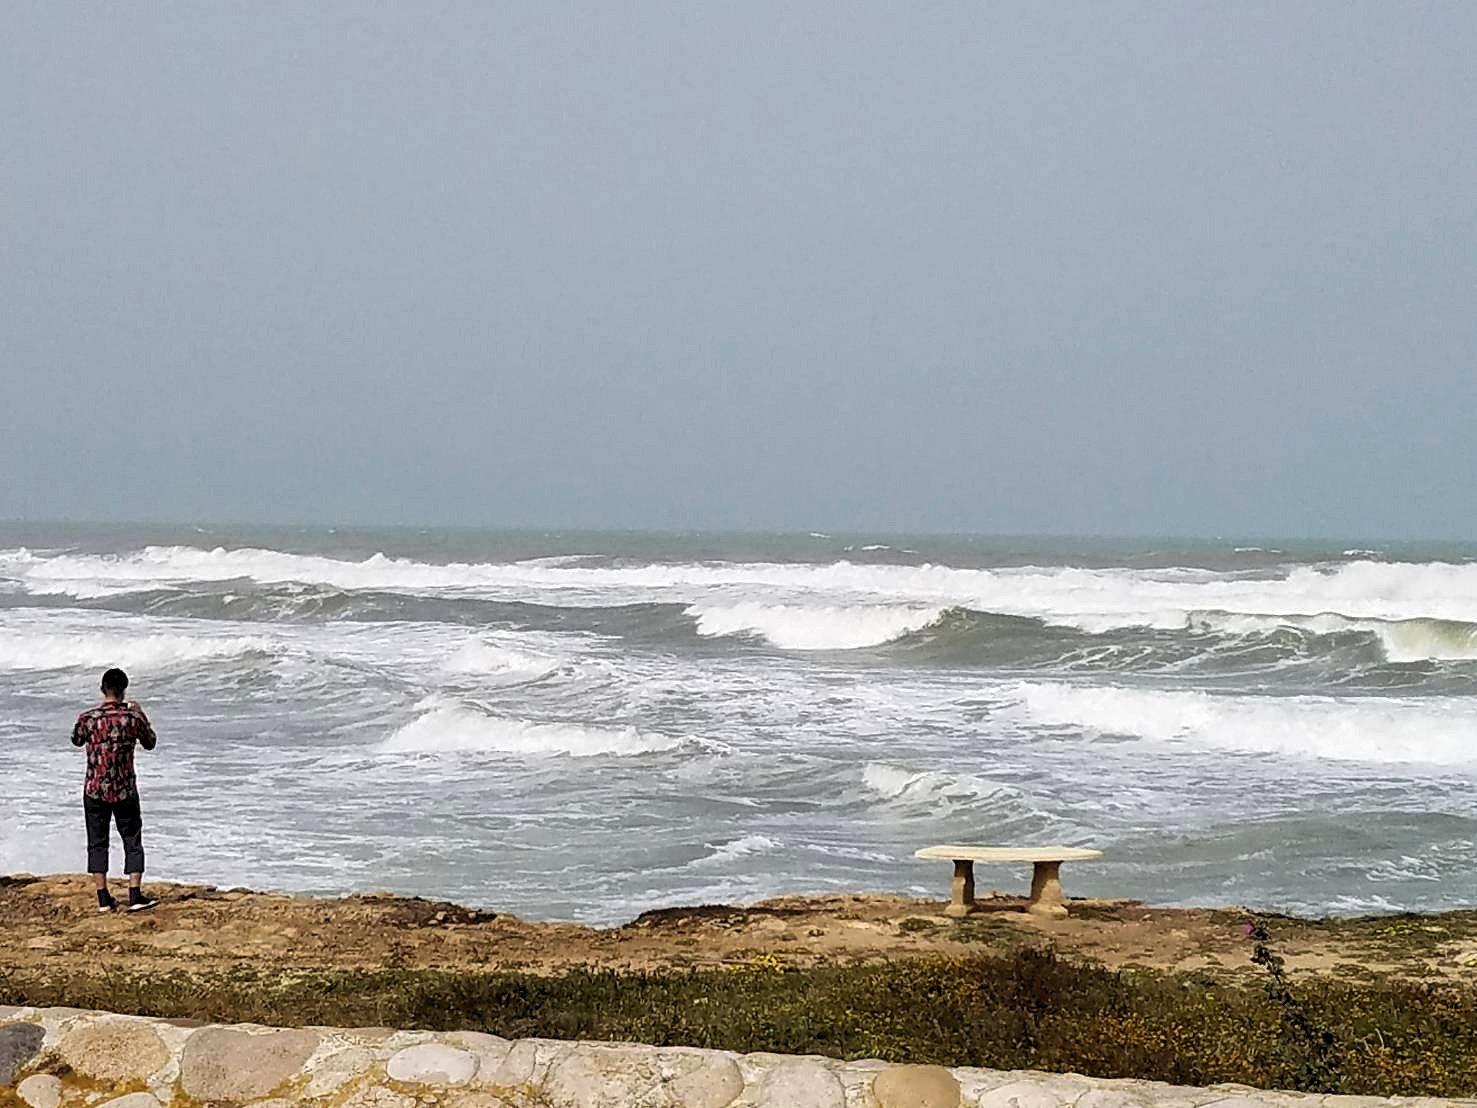 チュニジア:のケルクアン遺跡の海沿いの様子1